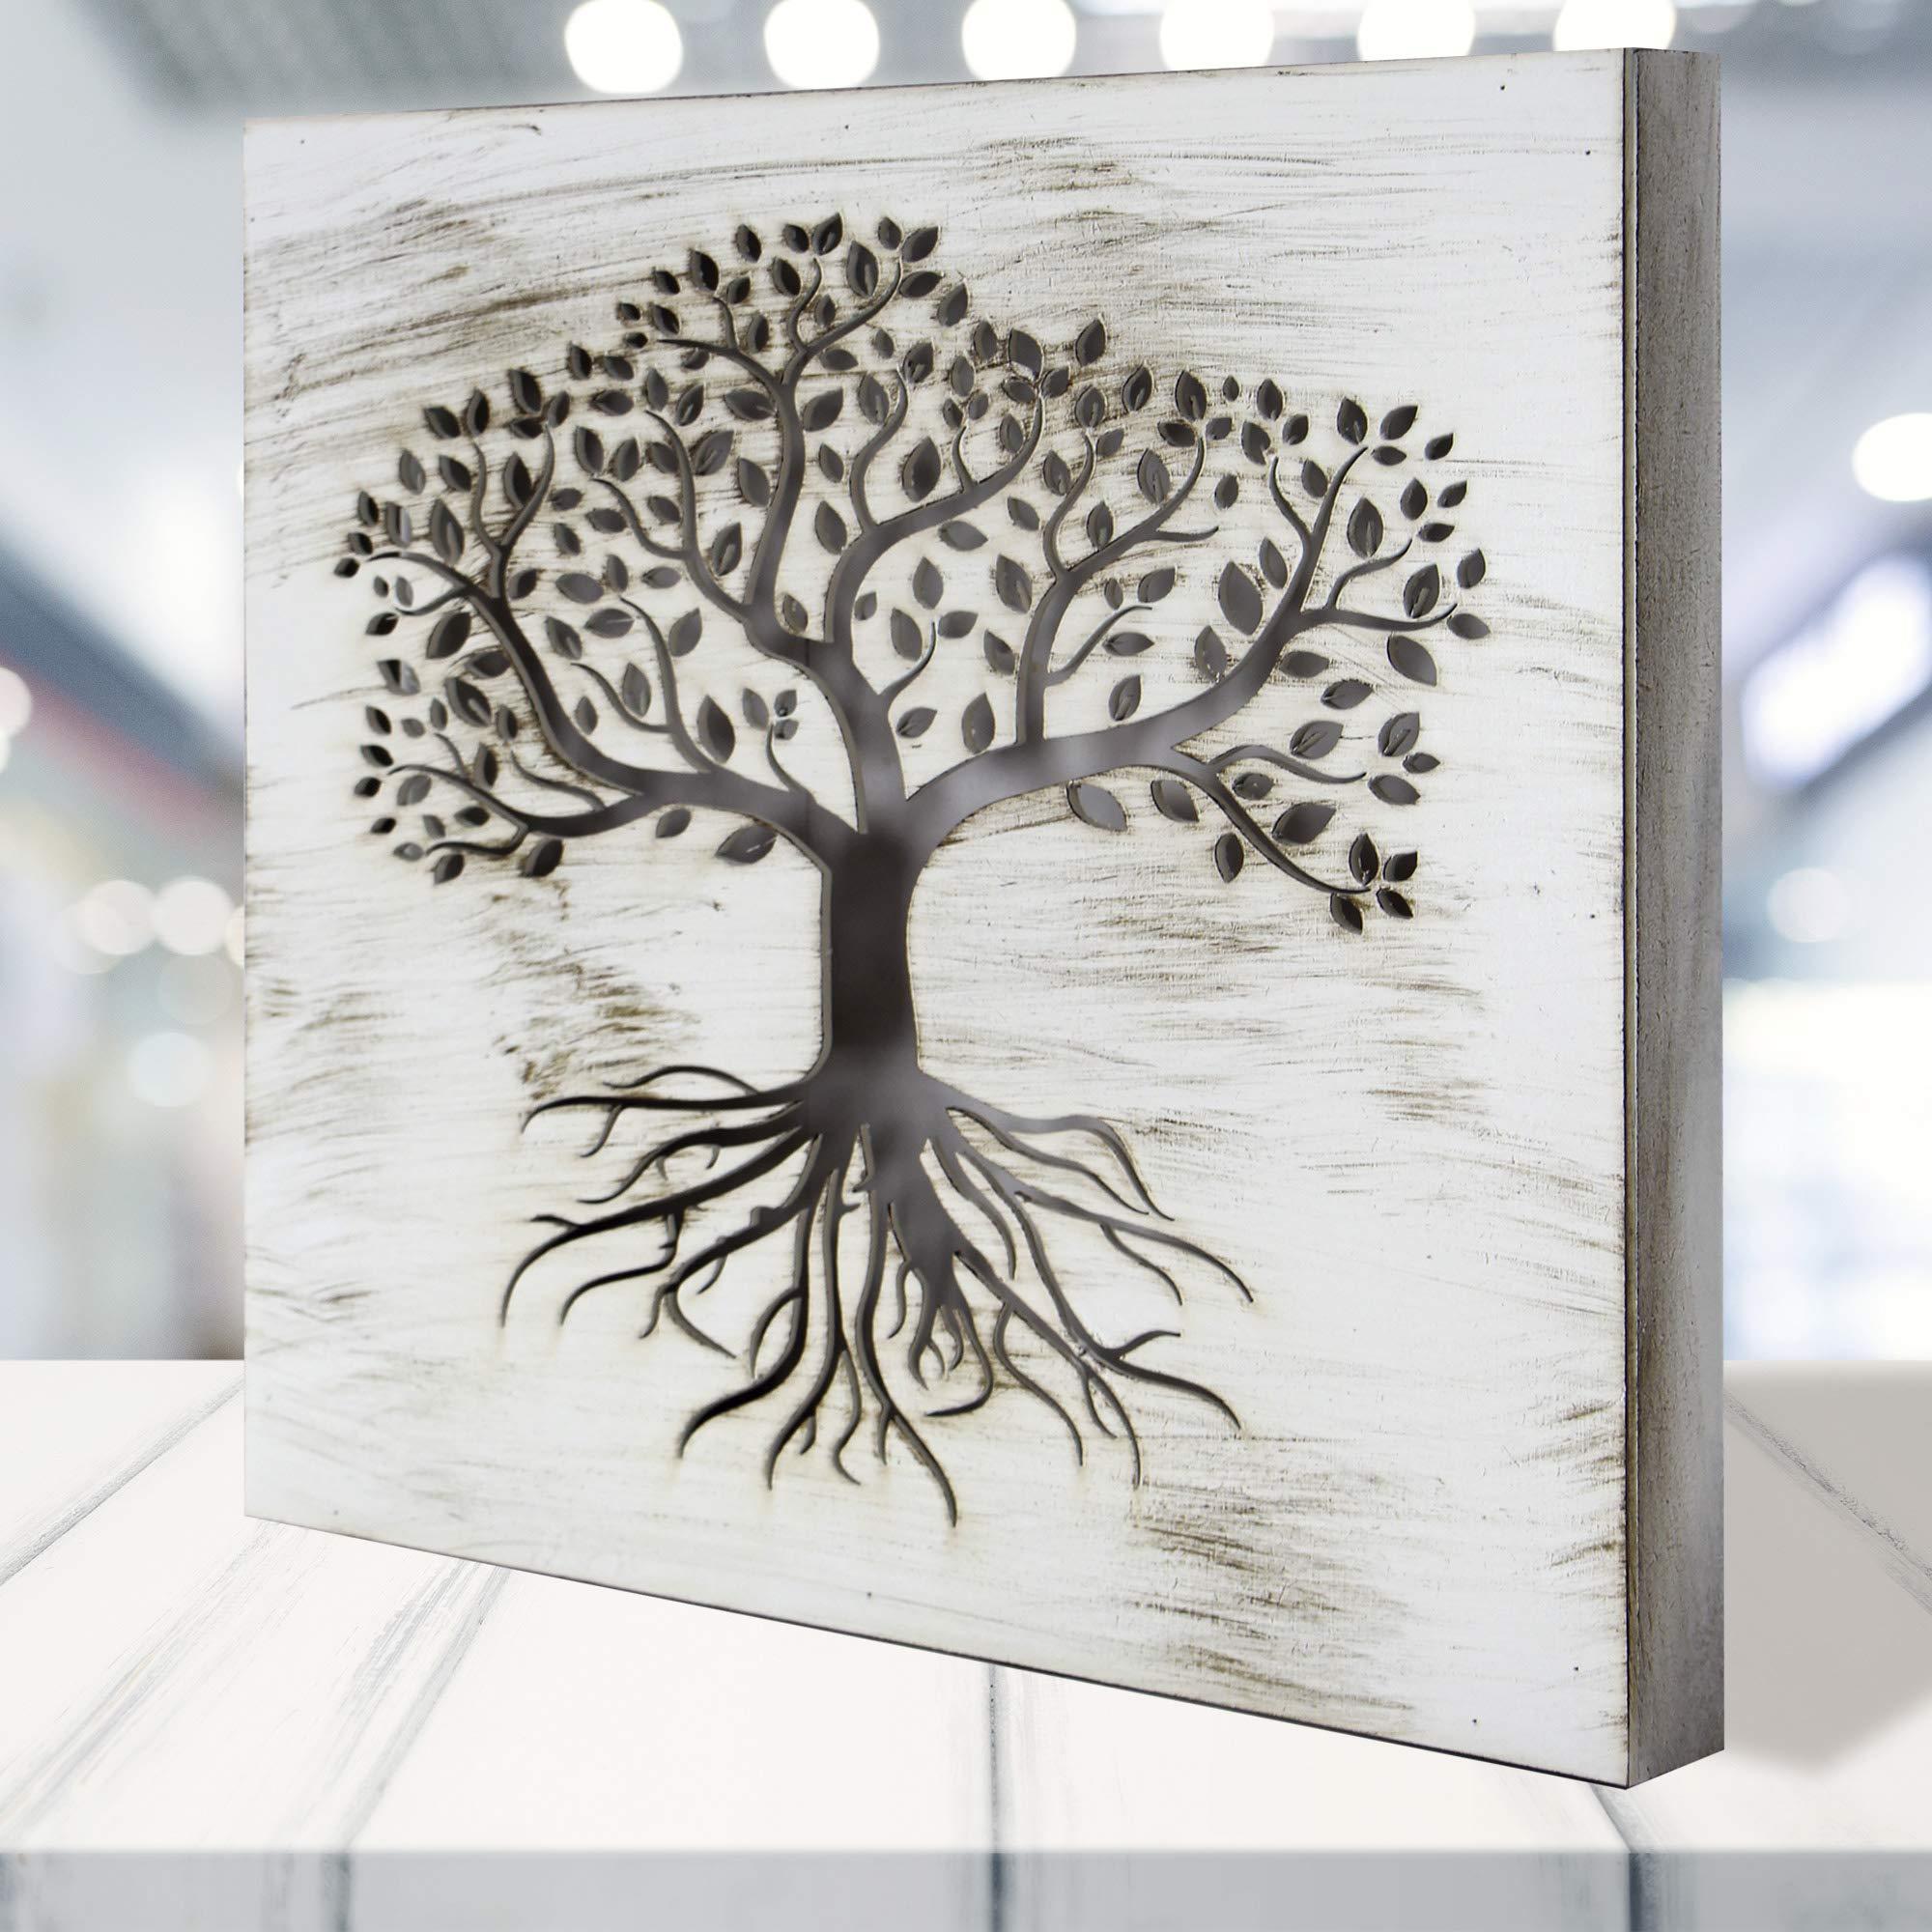 Cuadro Mandala de Pared - árbol de la Vida Calada, Fabricada artesanalmente en España- Mandala 3D Cuadrada Pintada a Mano- Modelo Mosaico 119 (Blanco Envejecido, 50x50cm): Amazon.es: Hogar